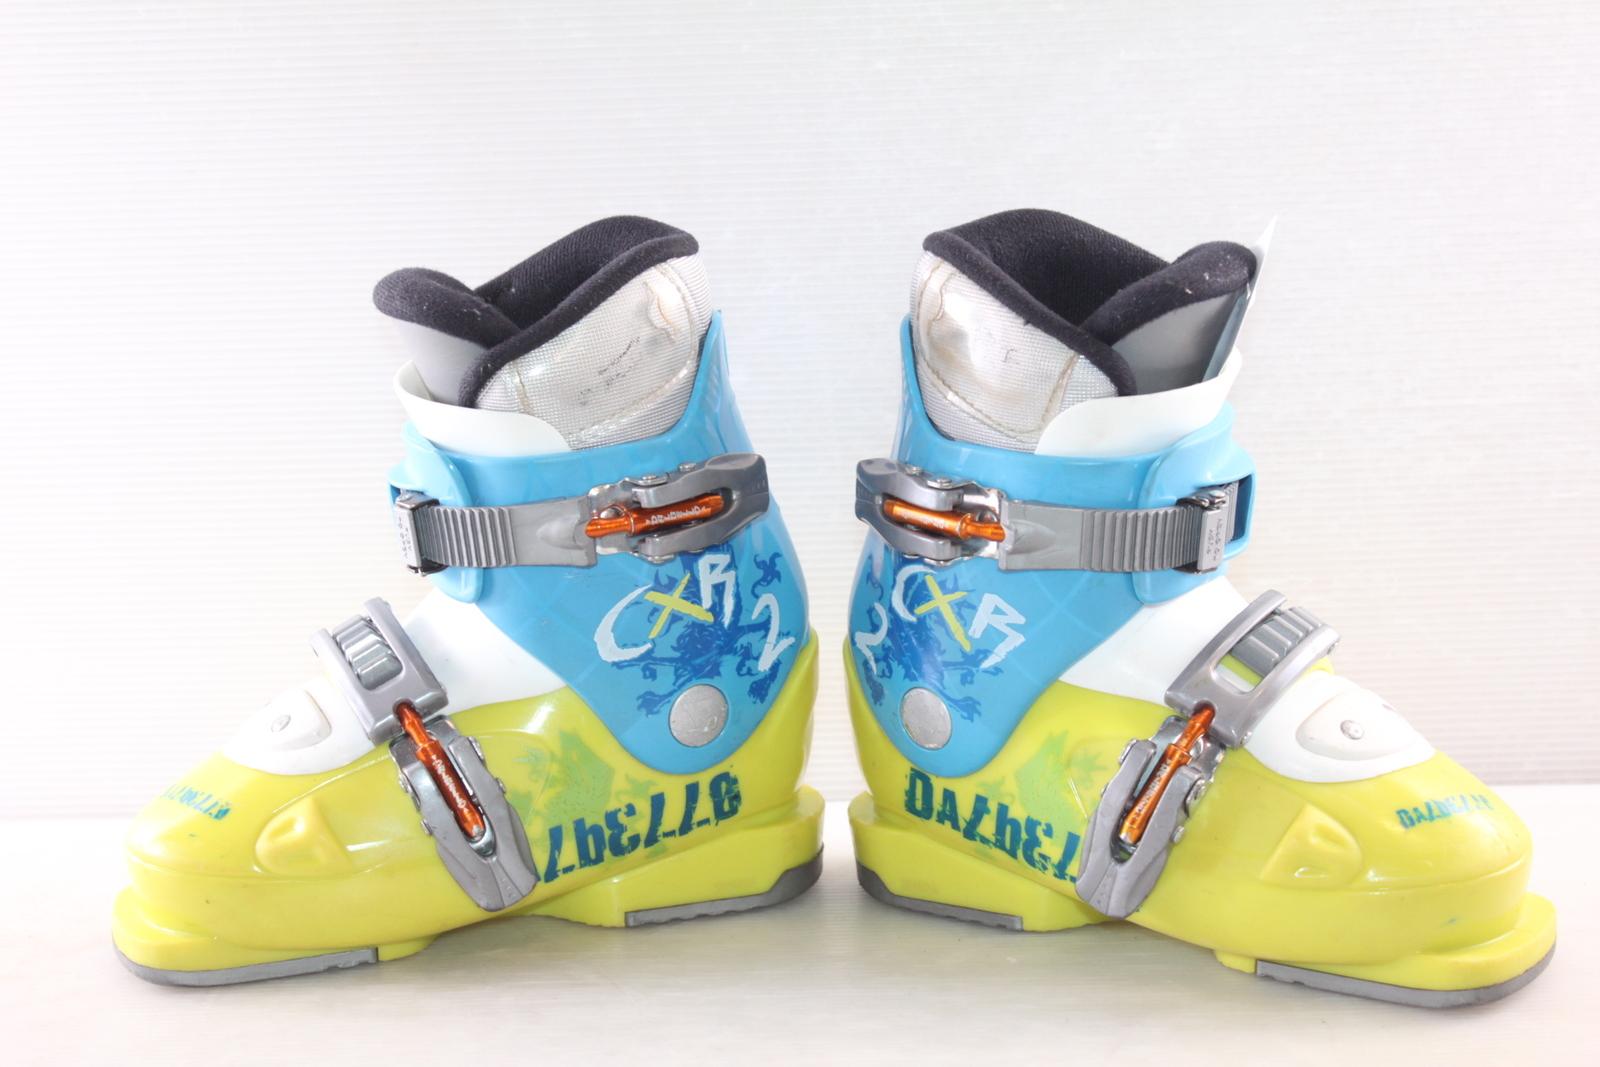 Dětské lyžáky Dalbello CXR 2 vel. EU30